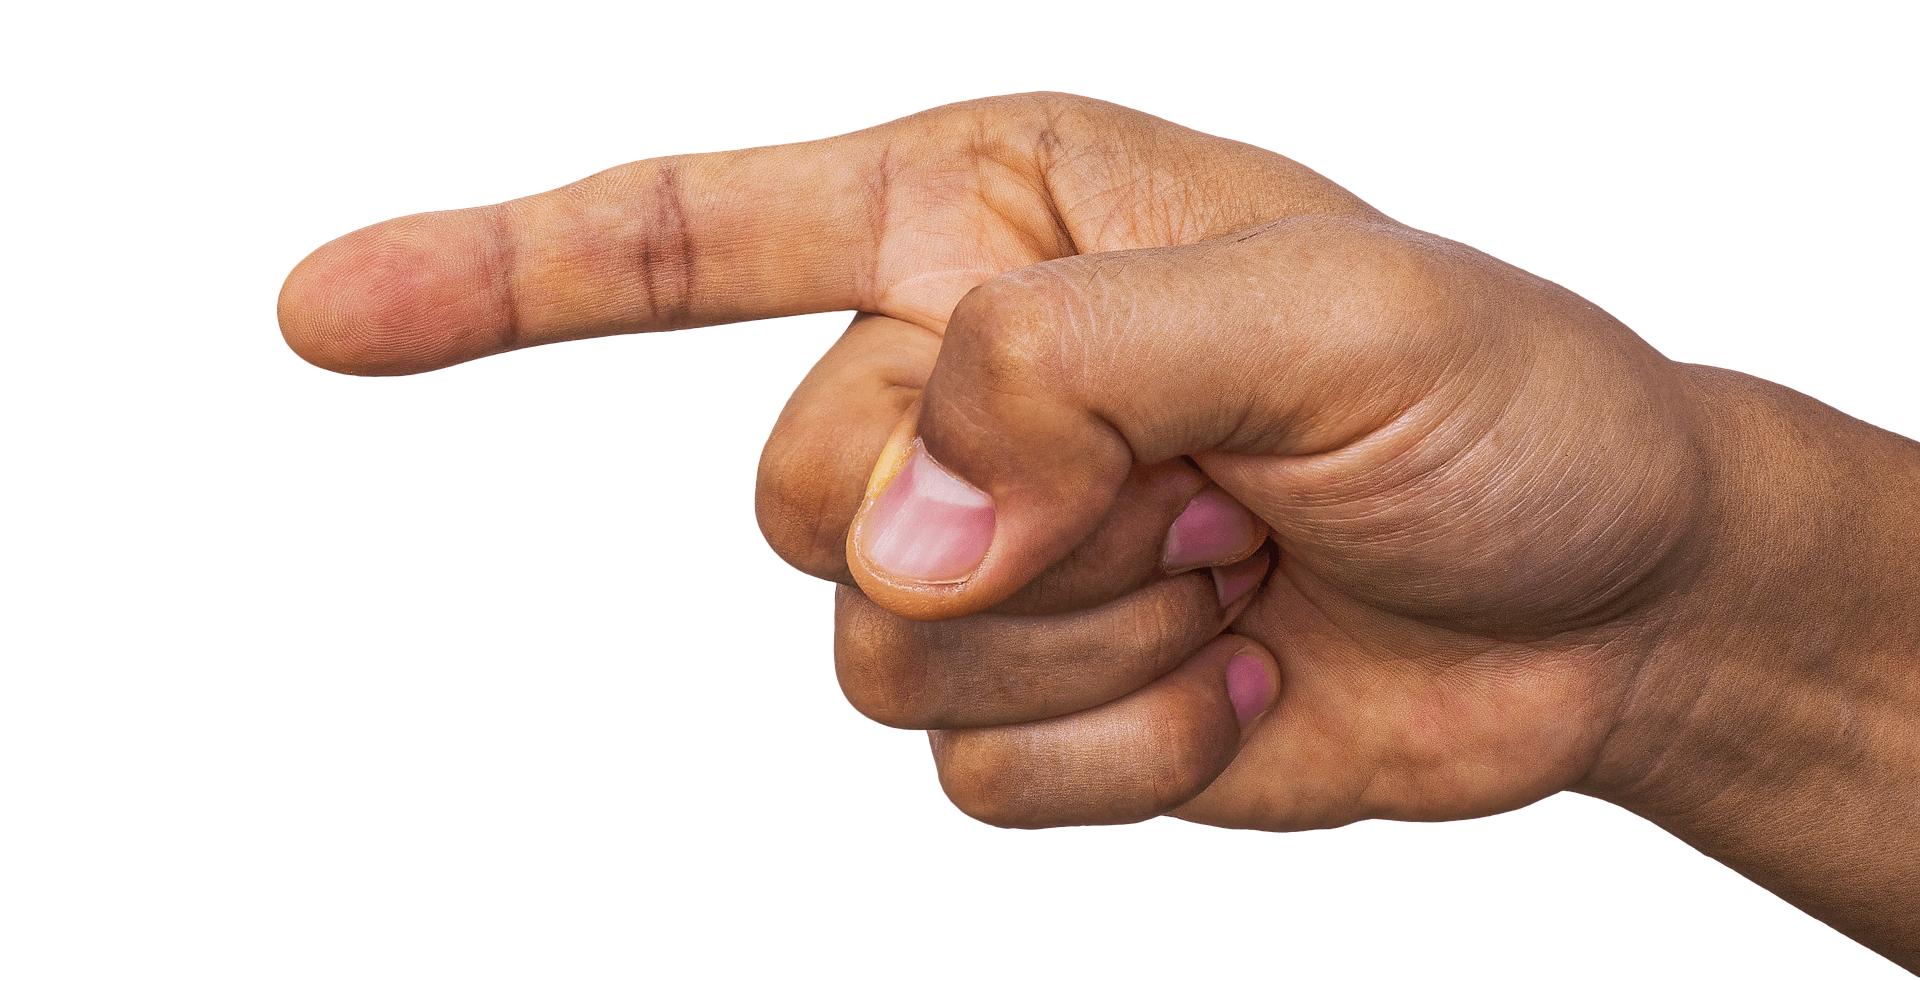 Faire jouir une femme avec un doigt, c'est possible